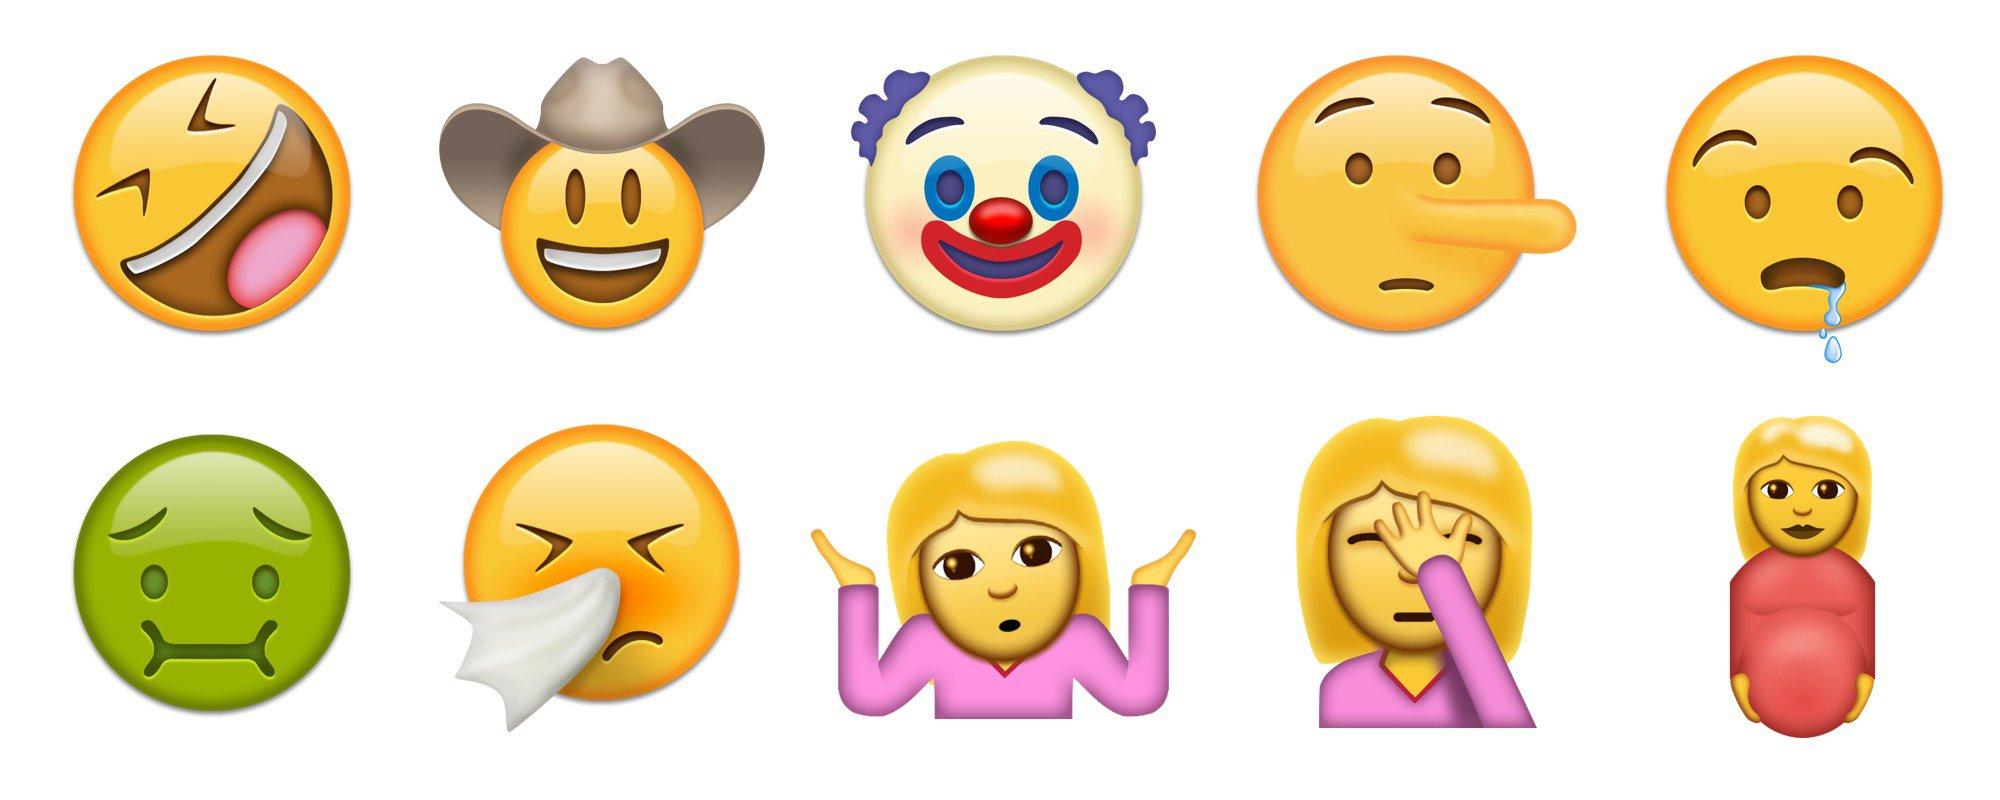 gezichten emoji nieuw